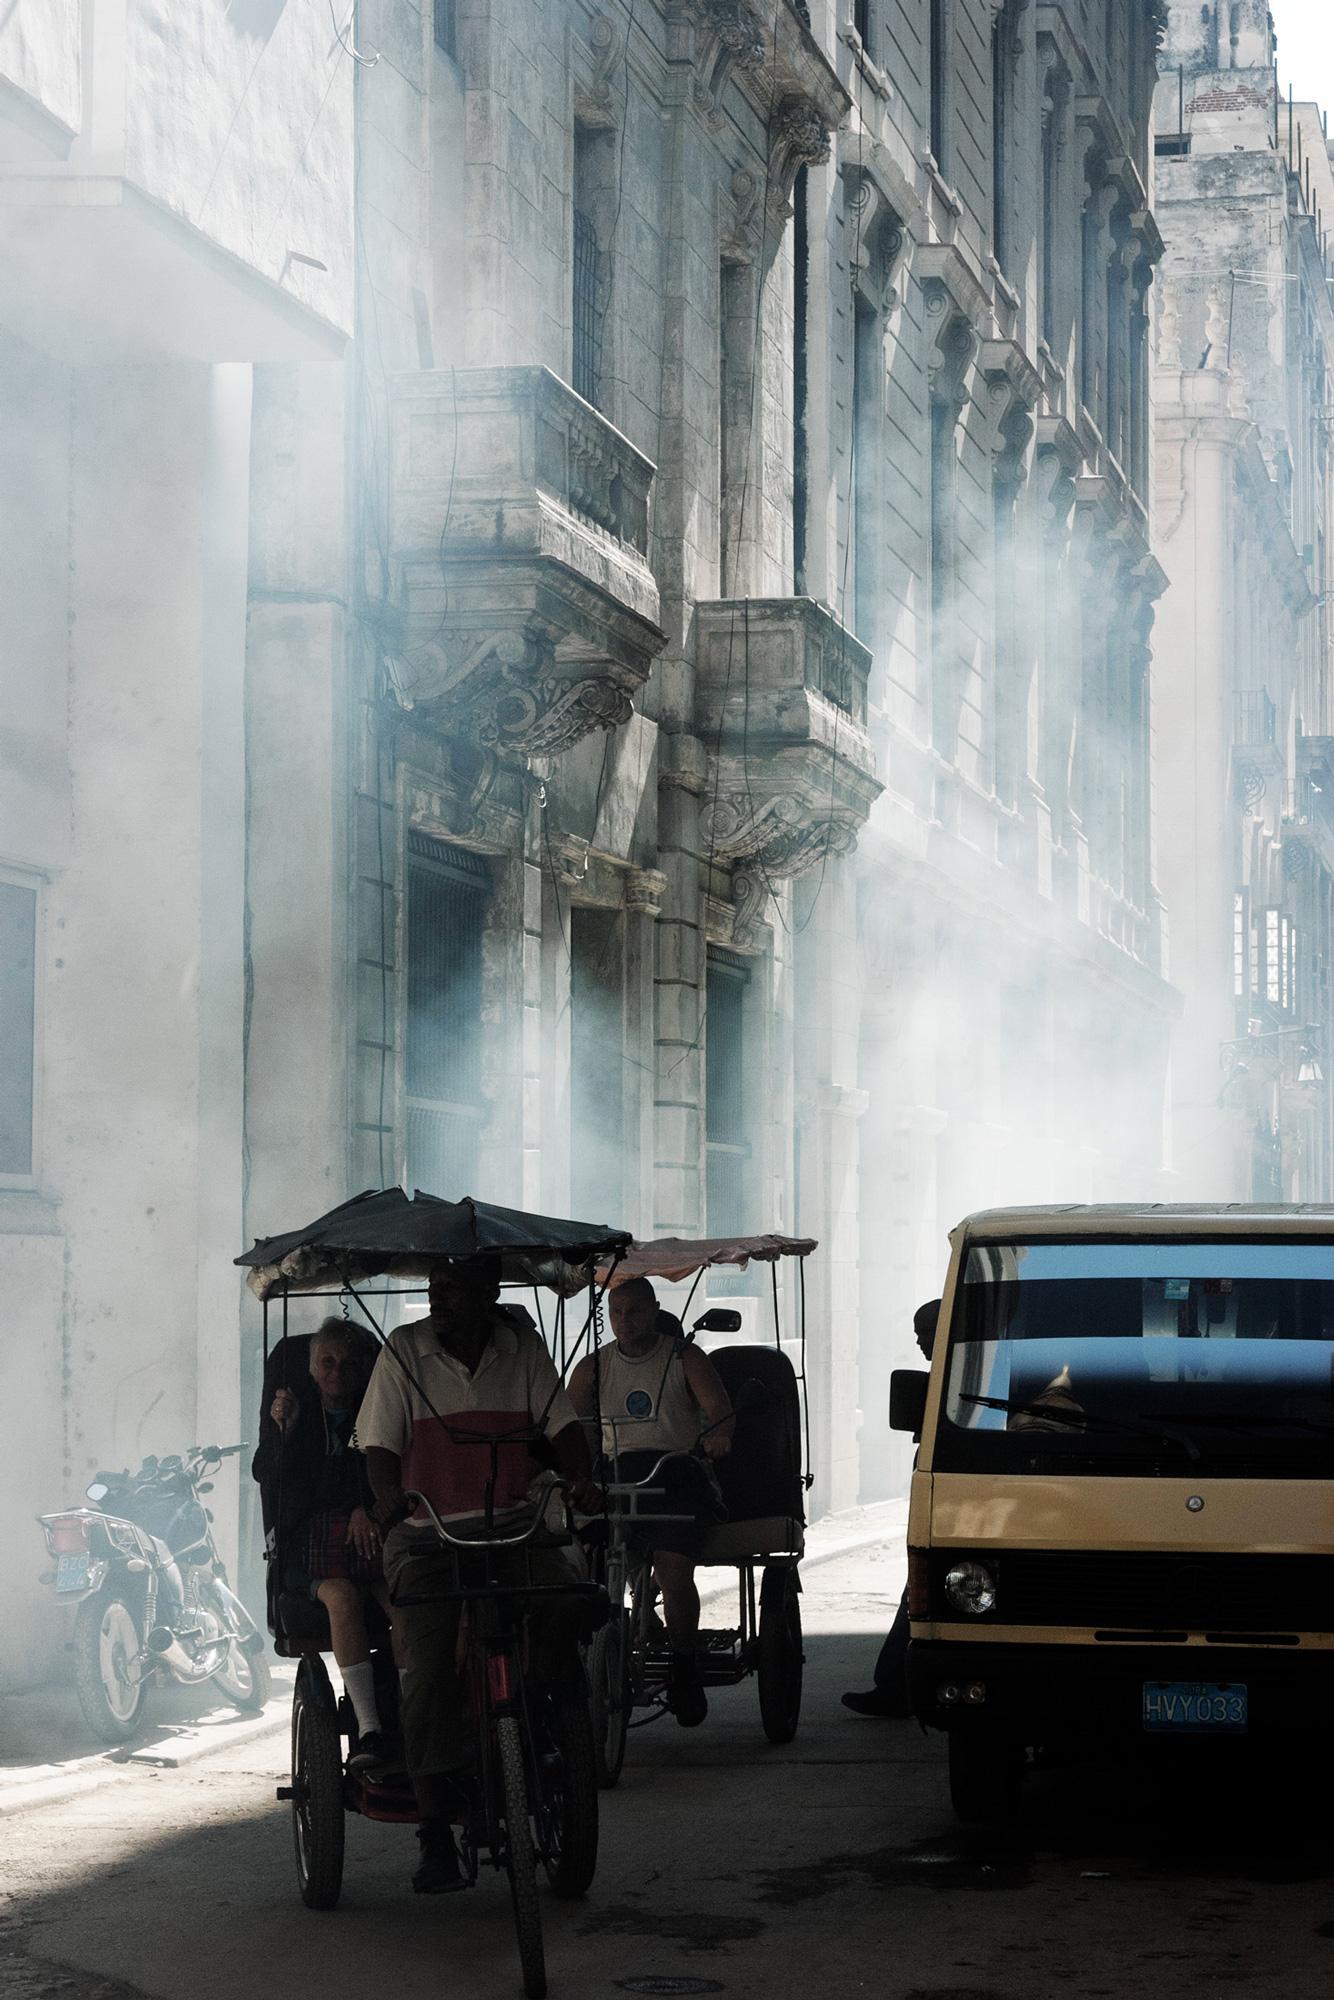 cuba rue fumée auto vélo taxi